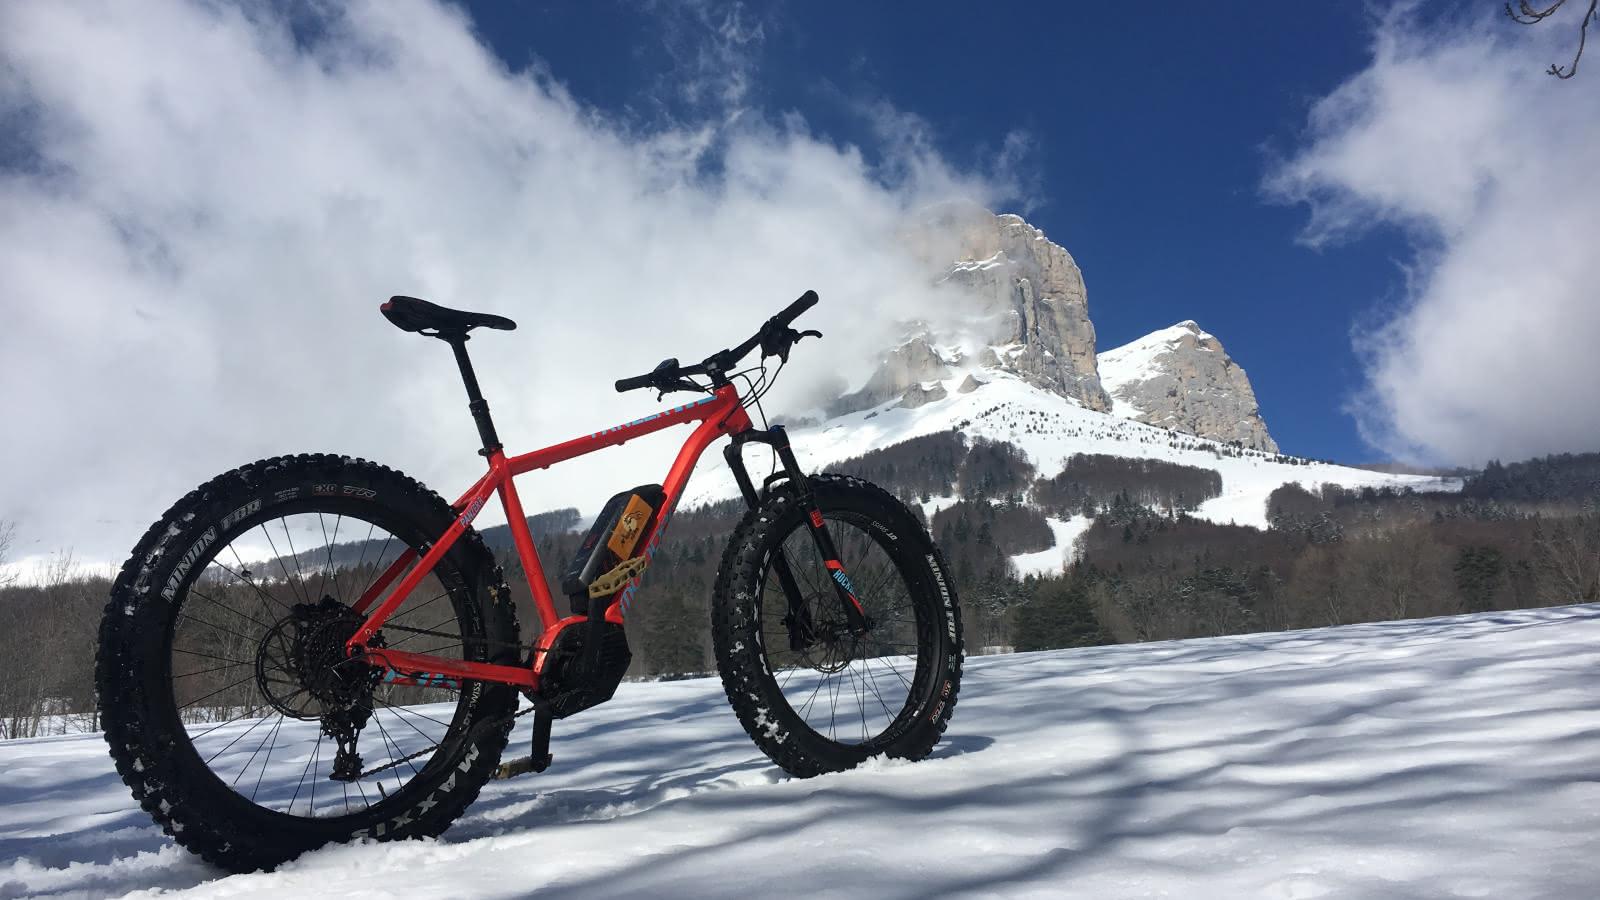 Balade en Fatbike à assistance électrique au Col de l'Arzelier sur la neige.